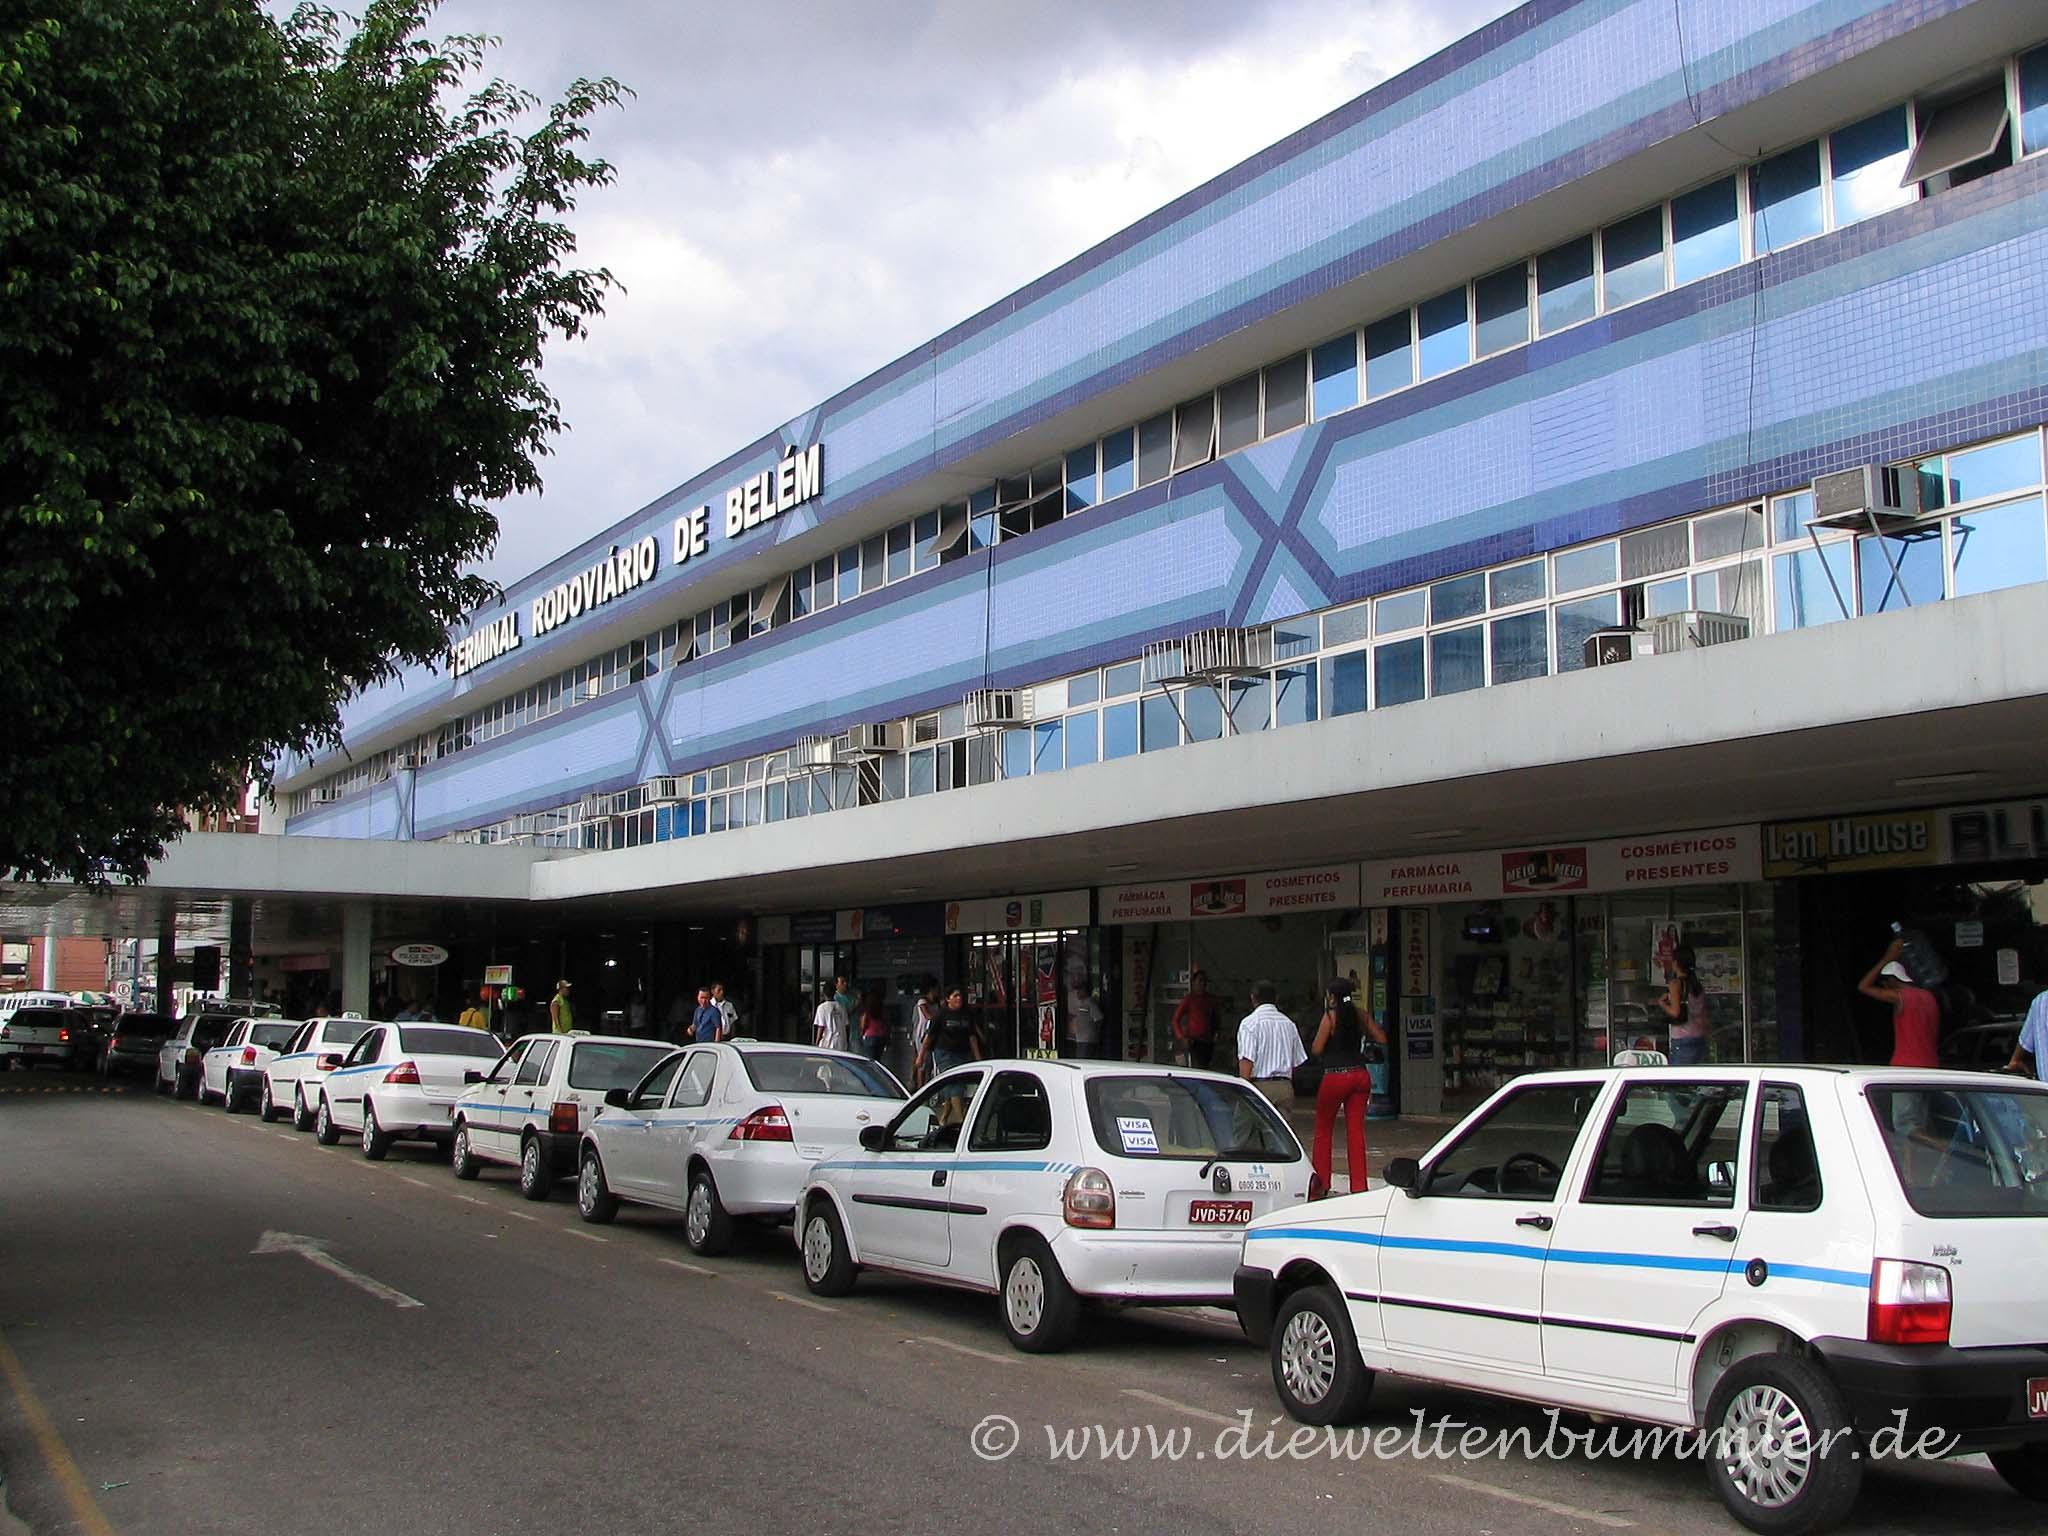 Busbahnhof in Belem